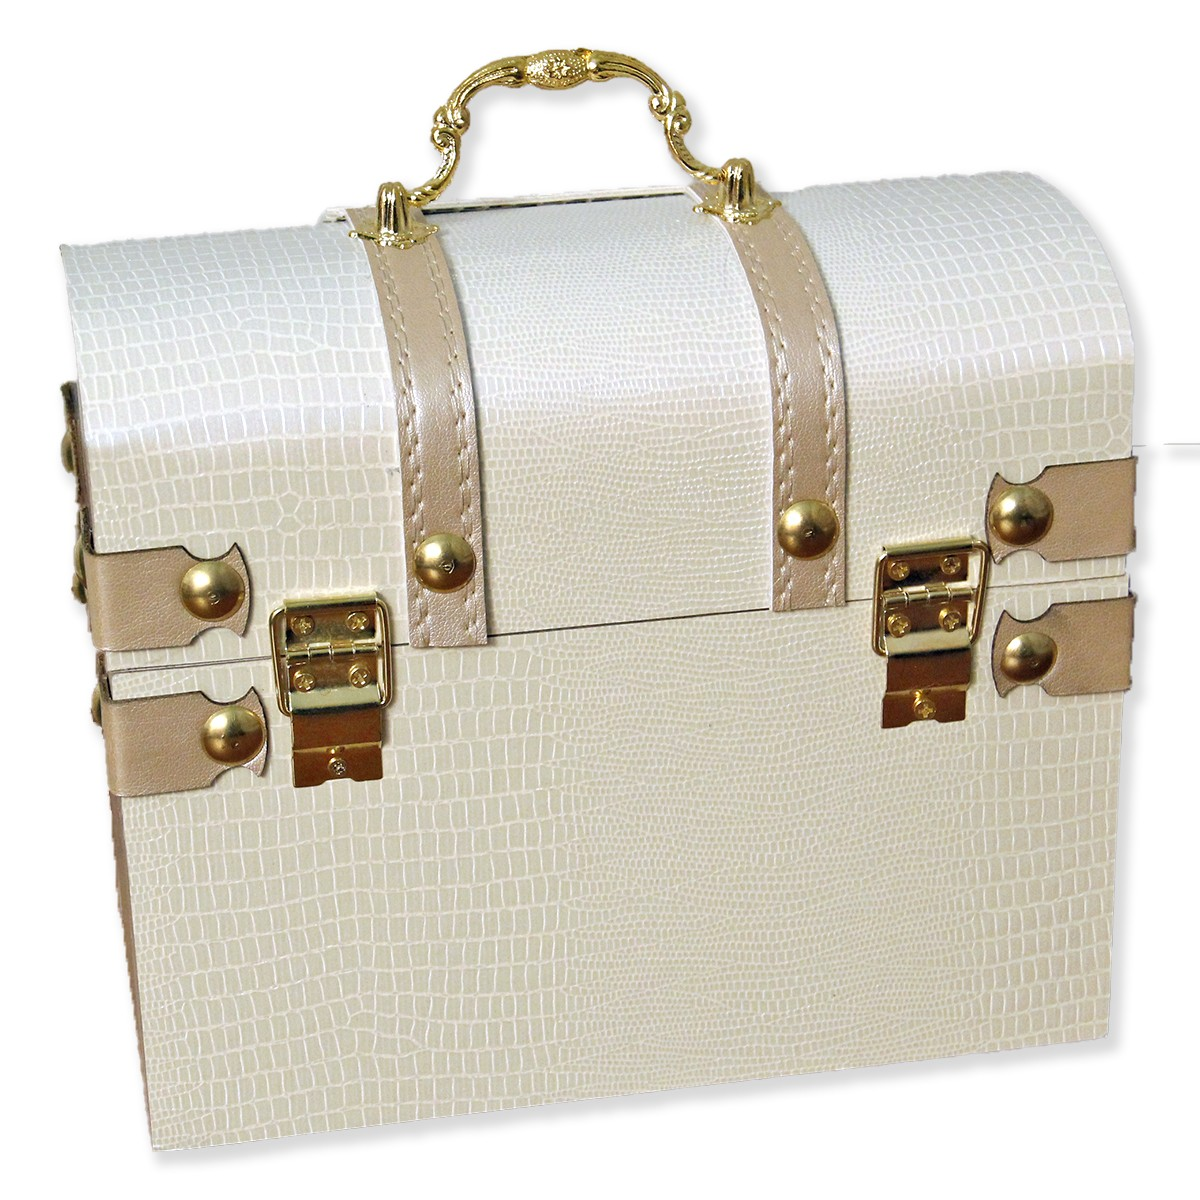 Шкатулка в виде сундучка с подарком внутри. Три книги афоризмов «Ларец с семейными сокровищами»